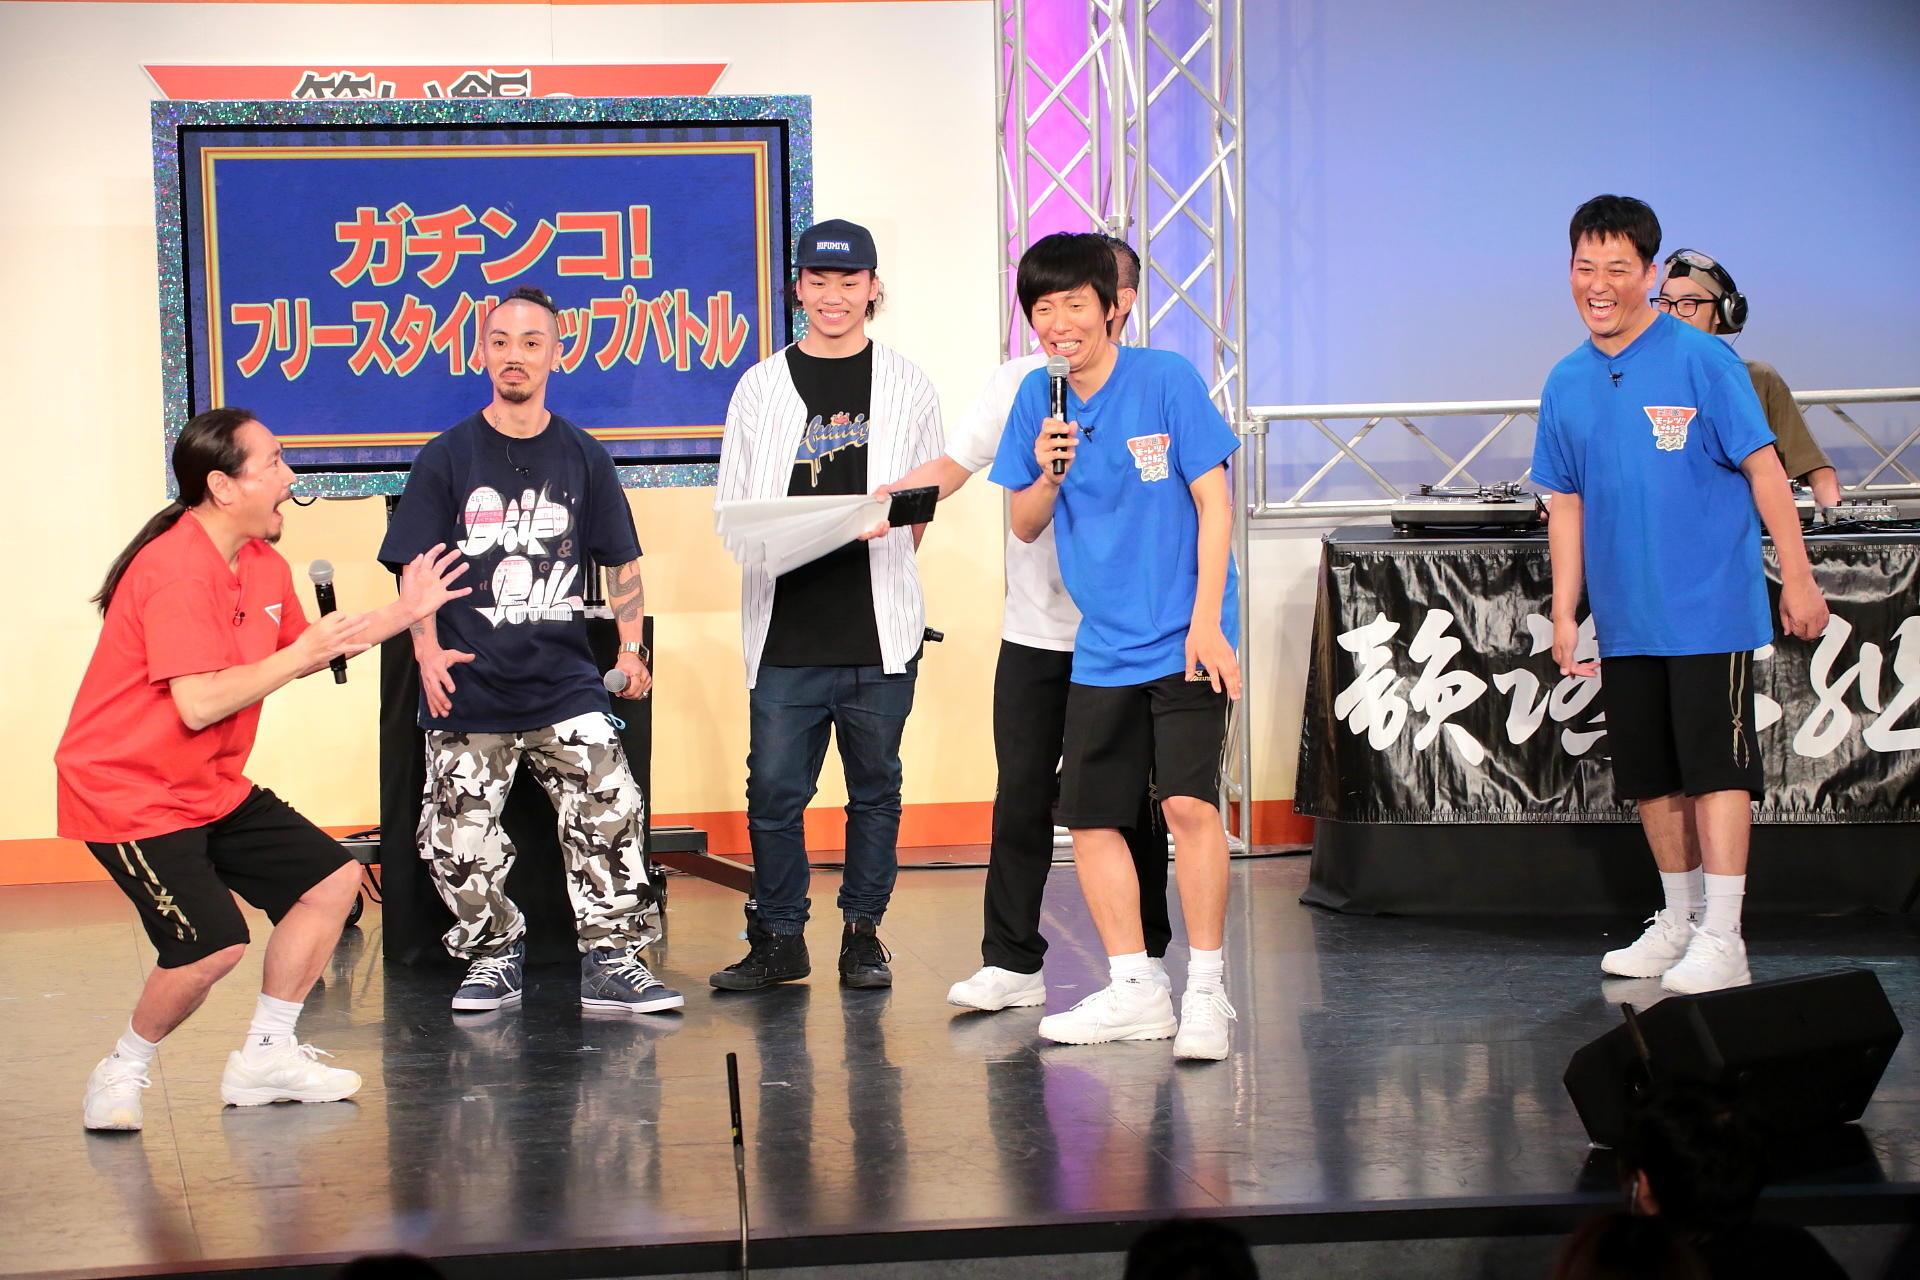 http://news.yoshimoto.co.jp/20170607215951-bf53a171a240b56e2af633e0278aeb79622edb00.jpg